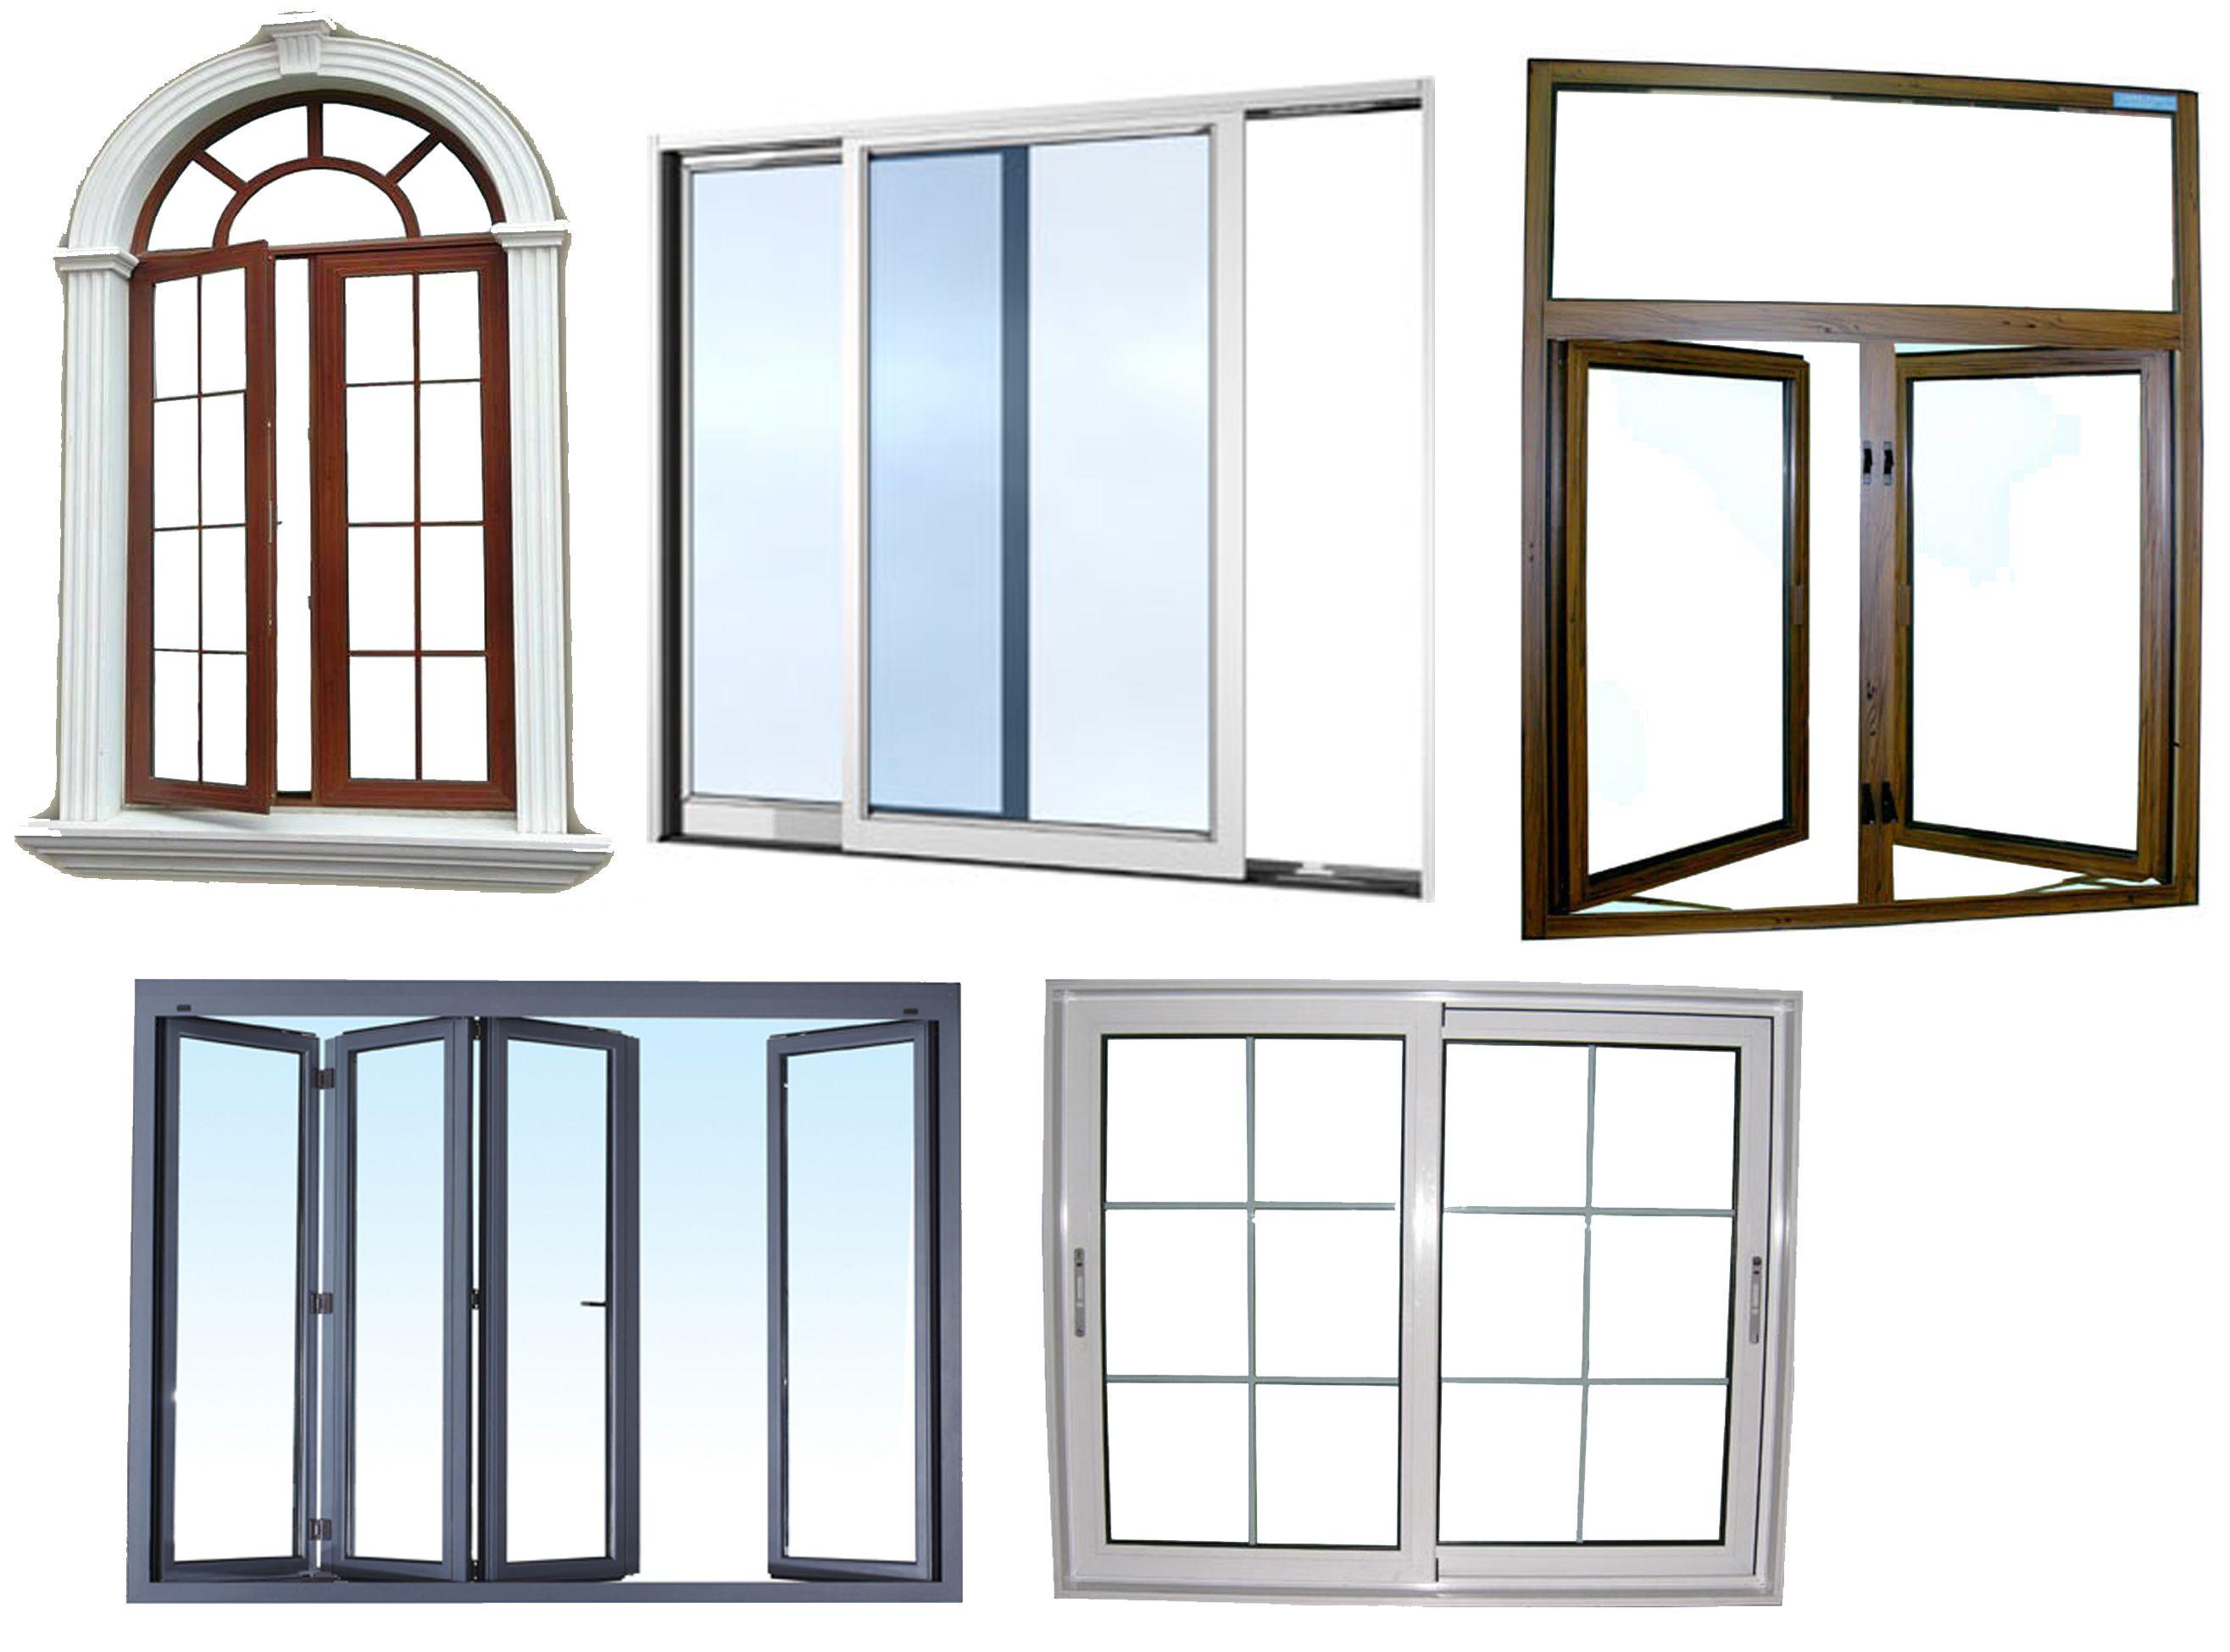 Aluminum Works A P Satyanarayanan Amp Co In Chennai India Aluminium Doors Aluminium Sliding Doors Windows And Doors